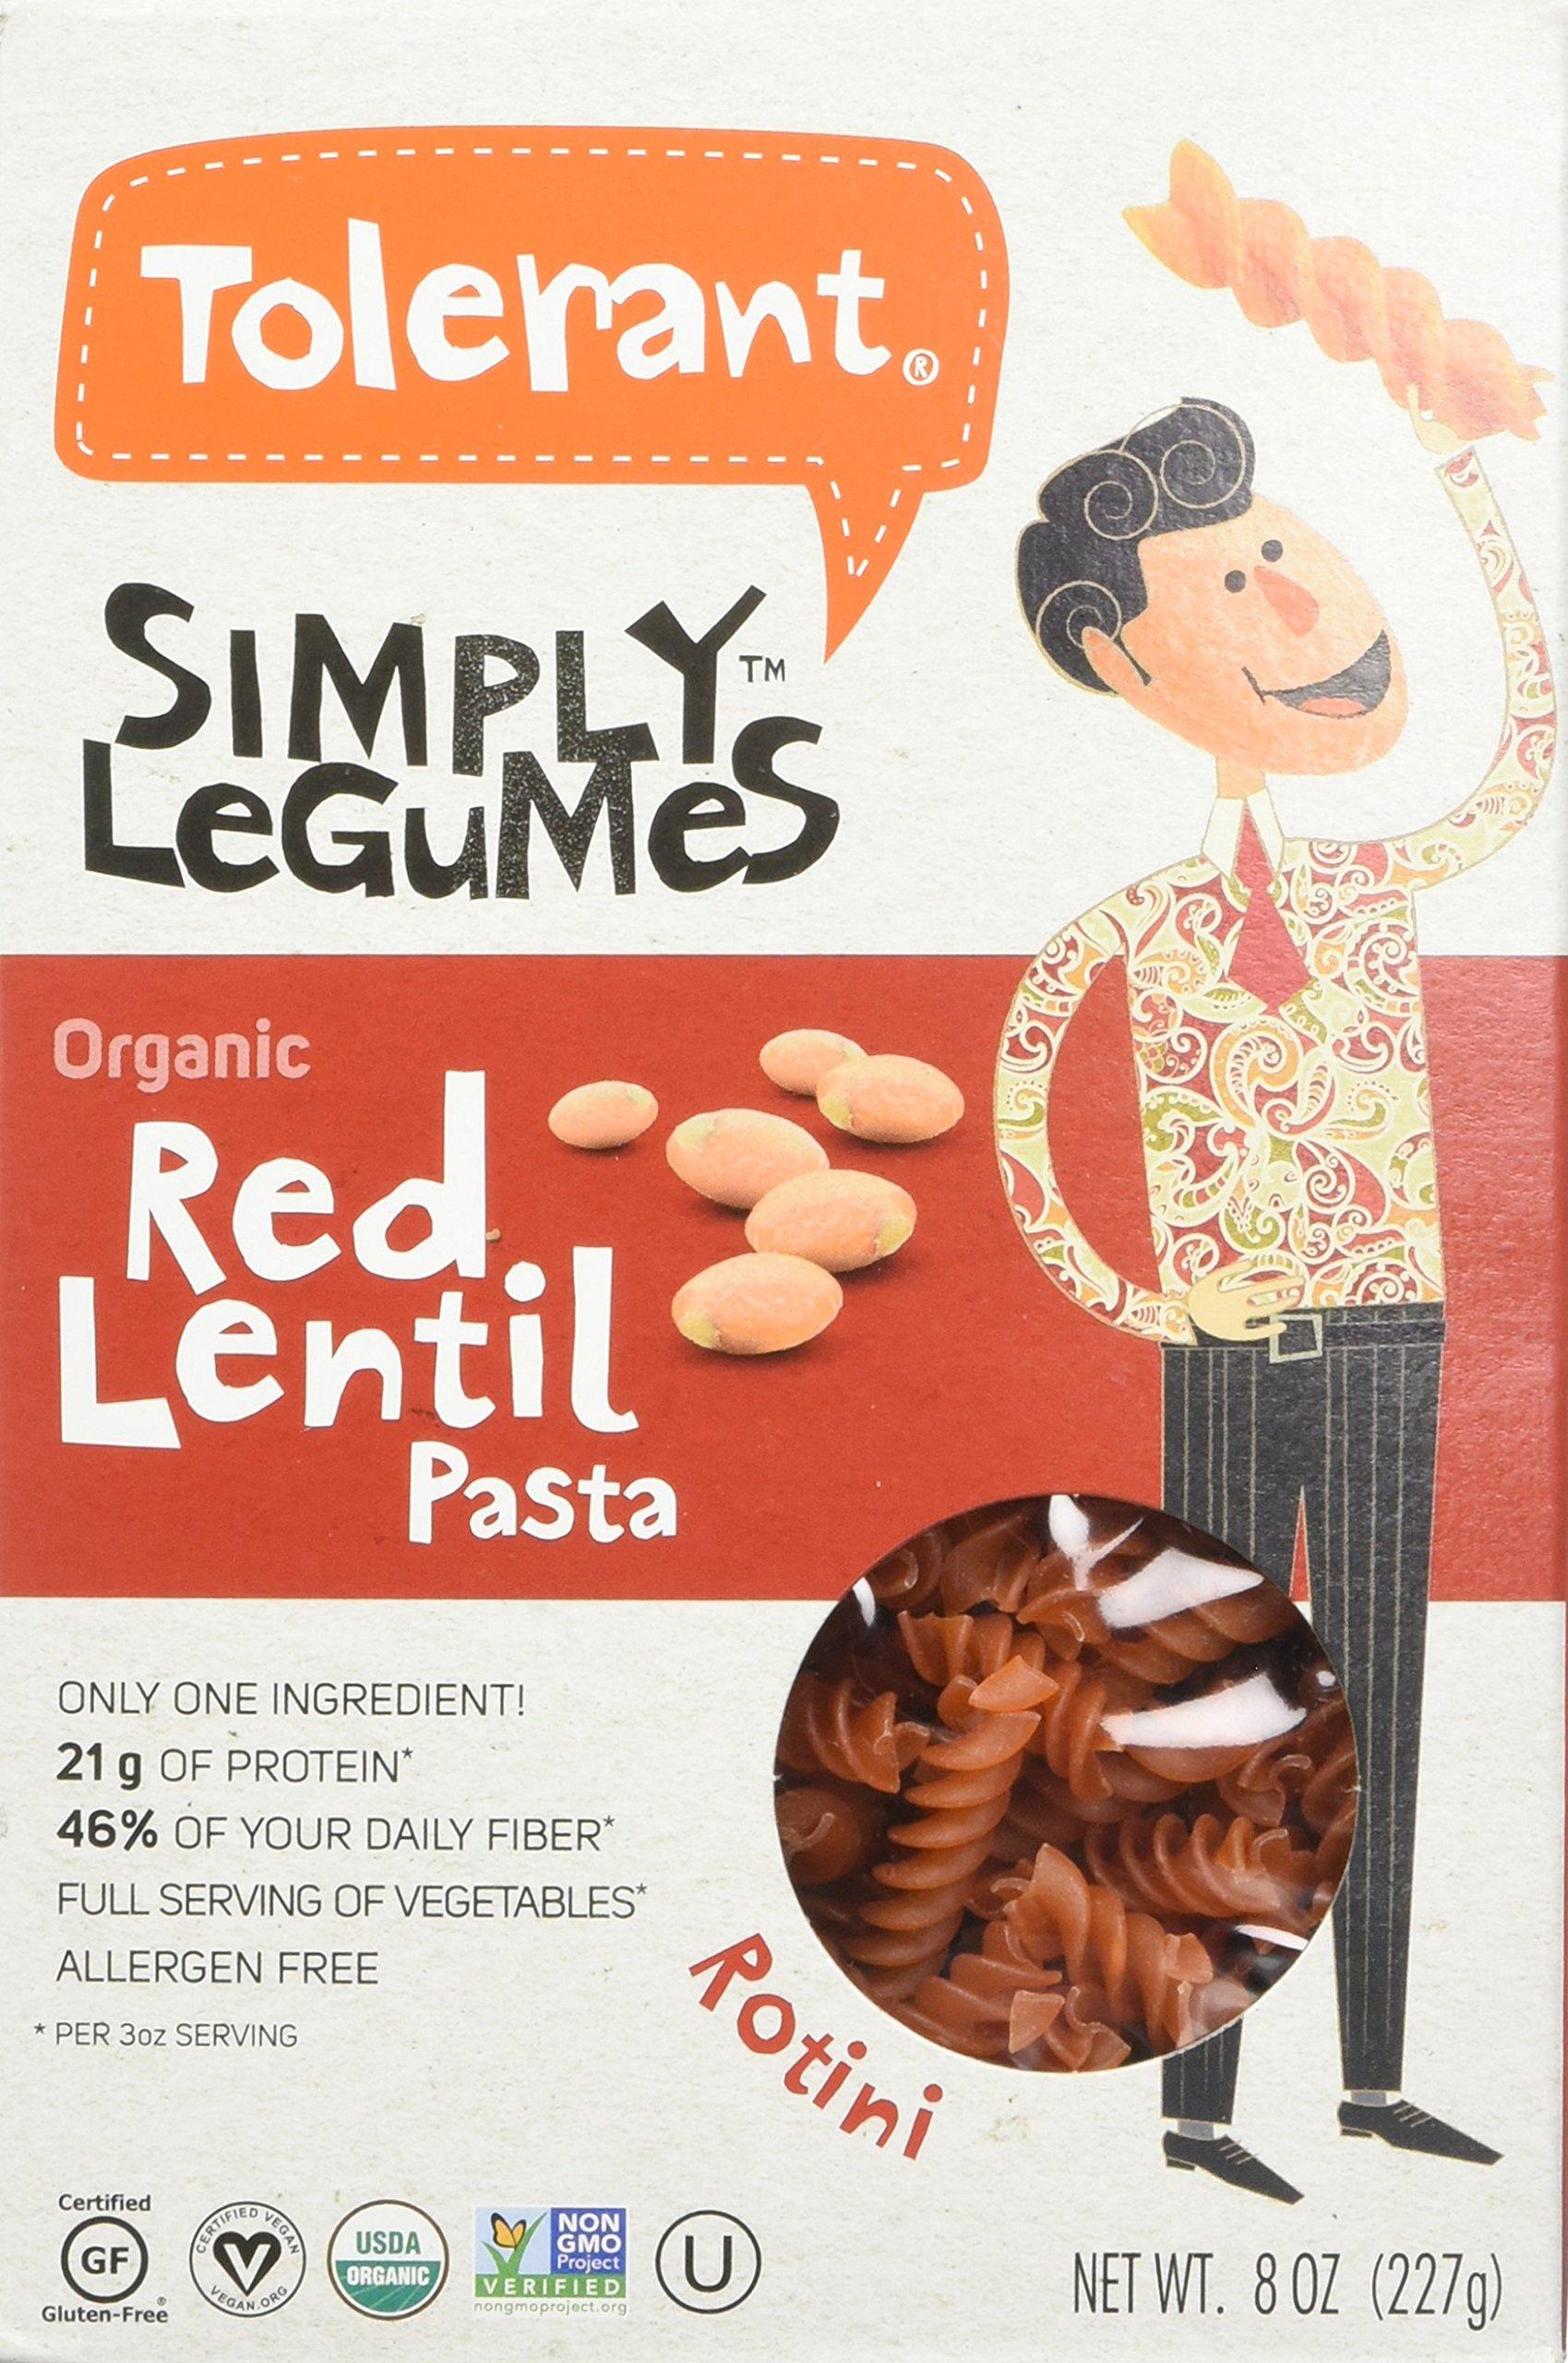 Amazoncom Tolerant Organic Red Lentil Pasta Simply Legumes